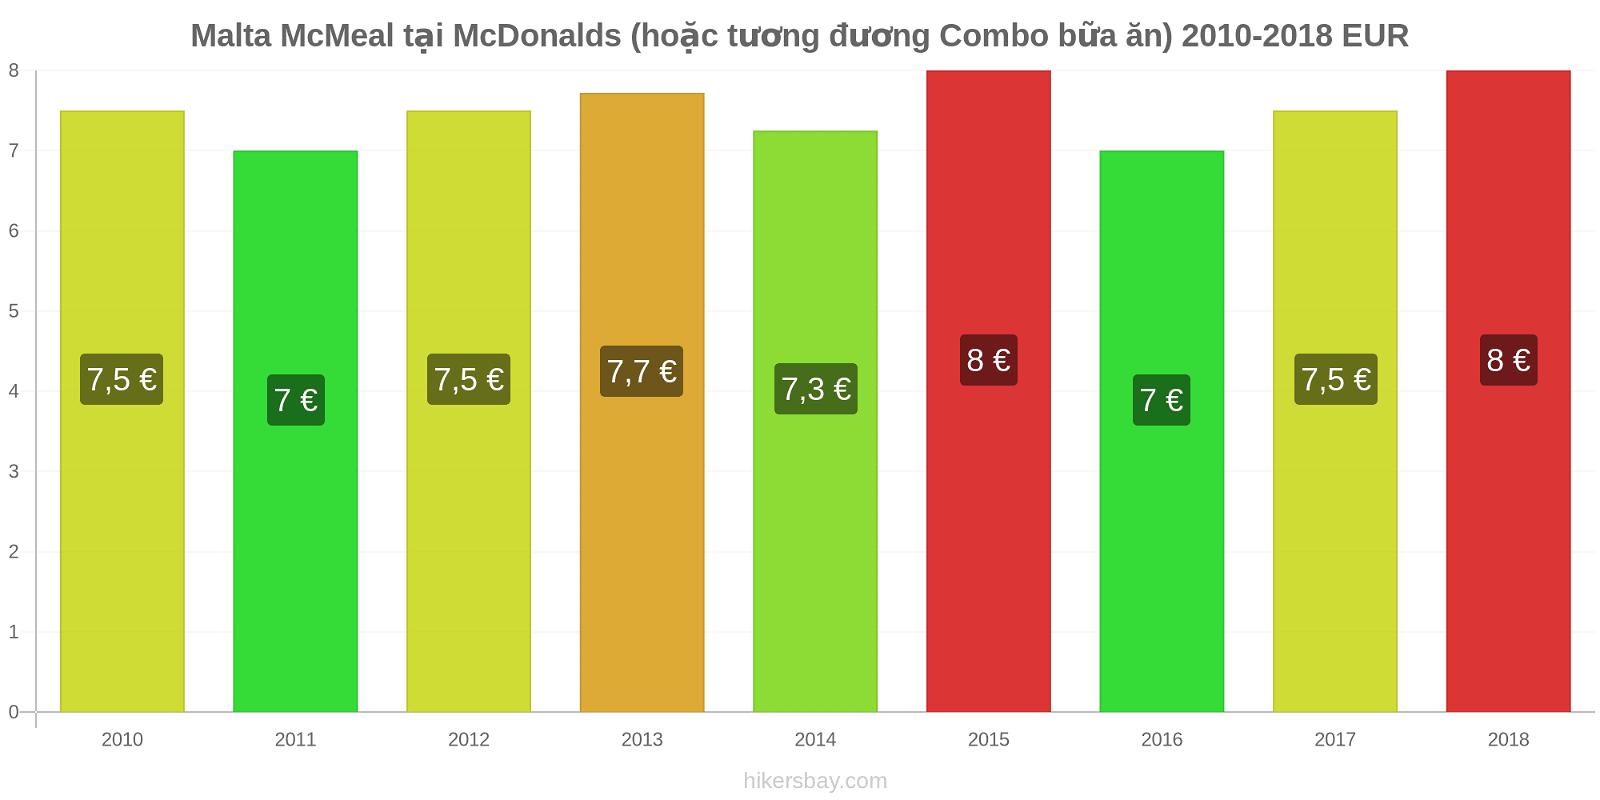 Malta thay đổi giá McMeal tại McDonalds (hoặc tương đương Combo bữa ăn) hikersbay.com